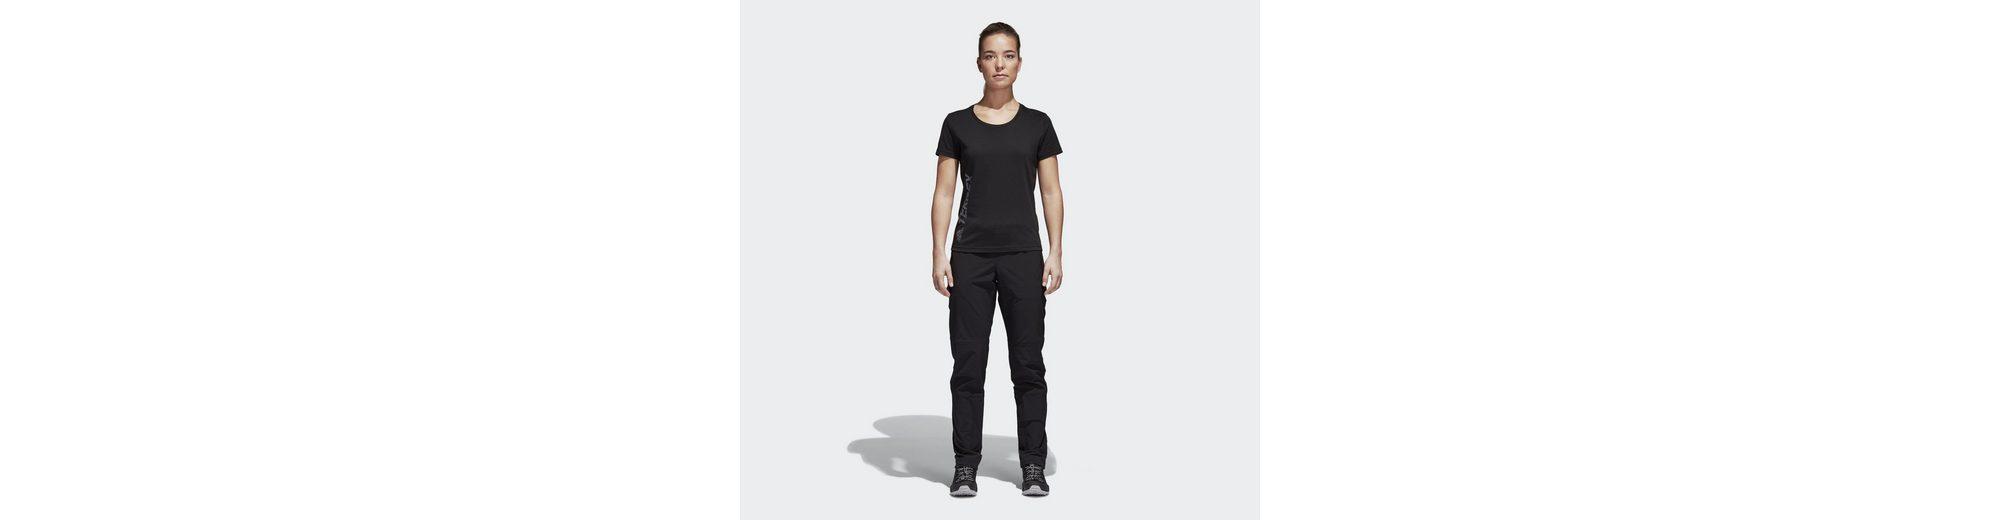 adidas Performance Trainingshose Multi Kostengünstig Bilder Wahl Günstiger Preis Verkauf 2018 ZXtv3EUXIs